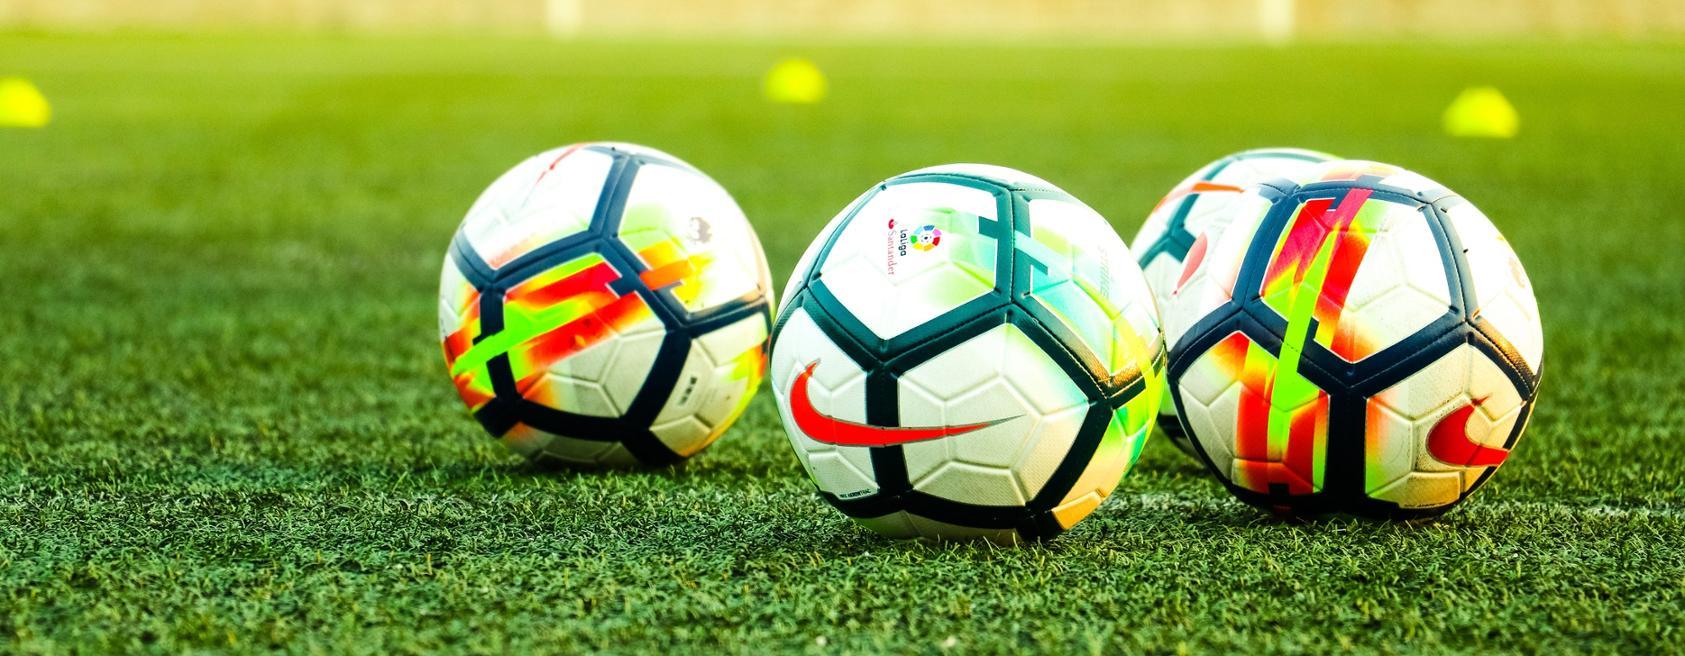 Dónde puedo ver el fútbol